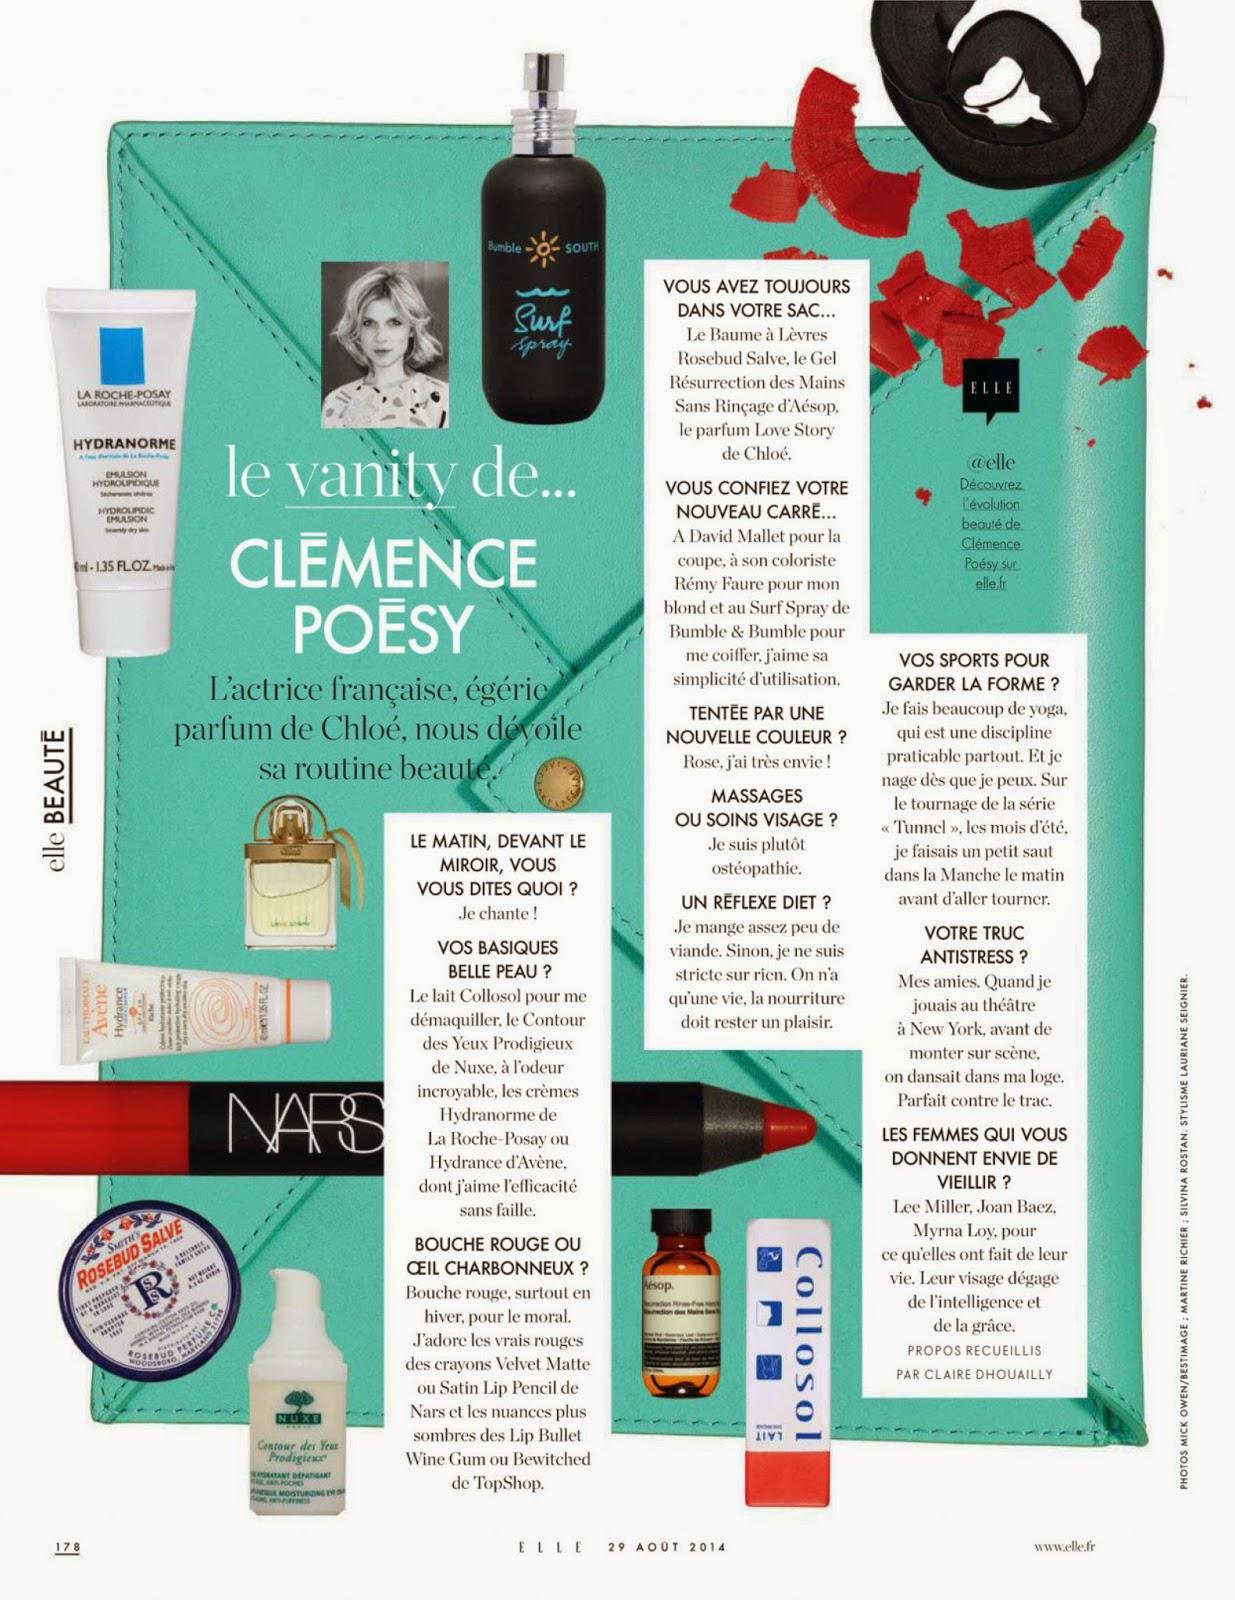 ELLE France 2014-08-29 Le vanity de Clémence Poésy